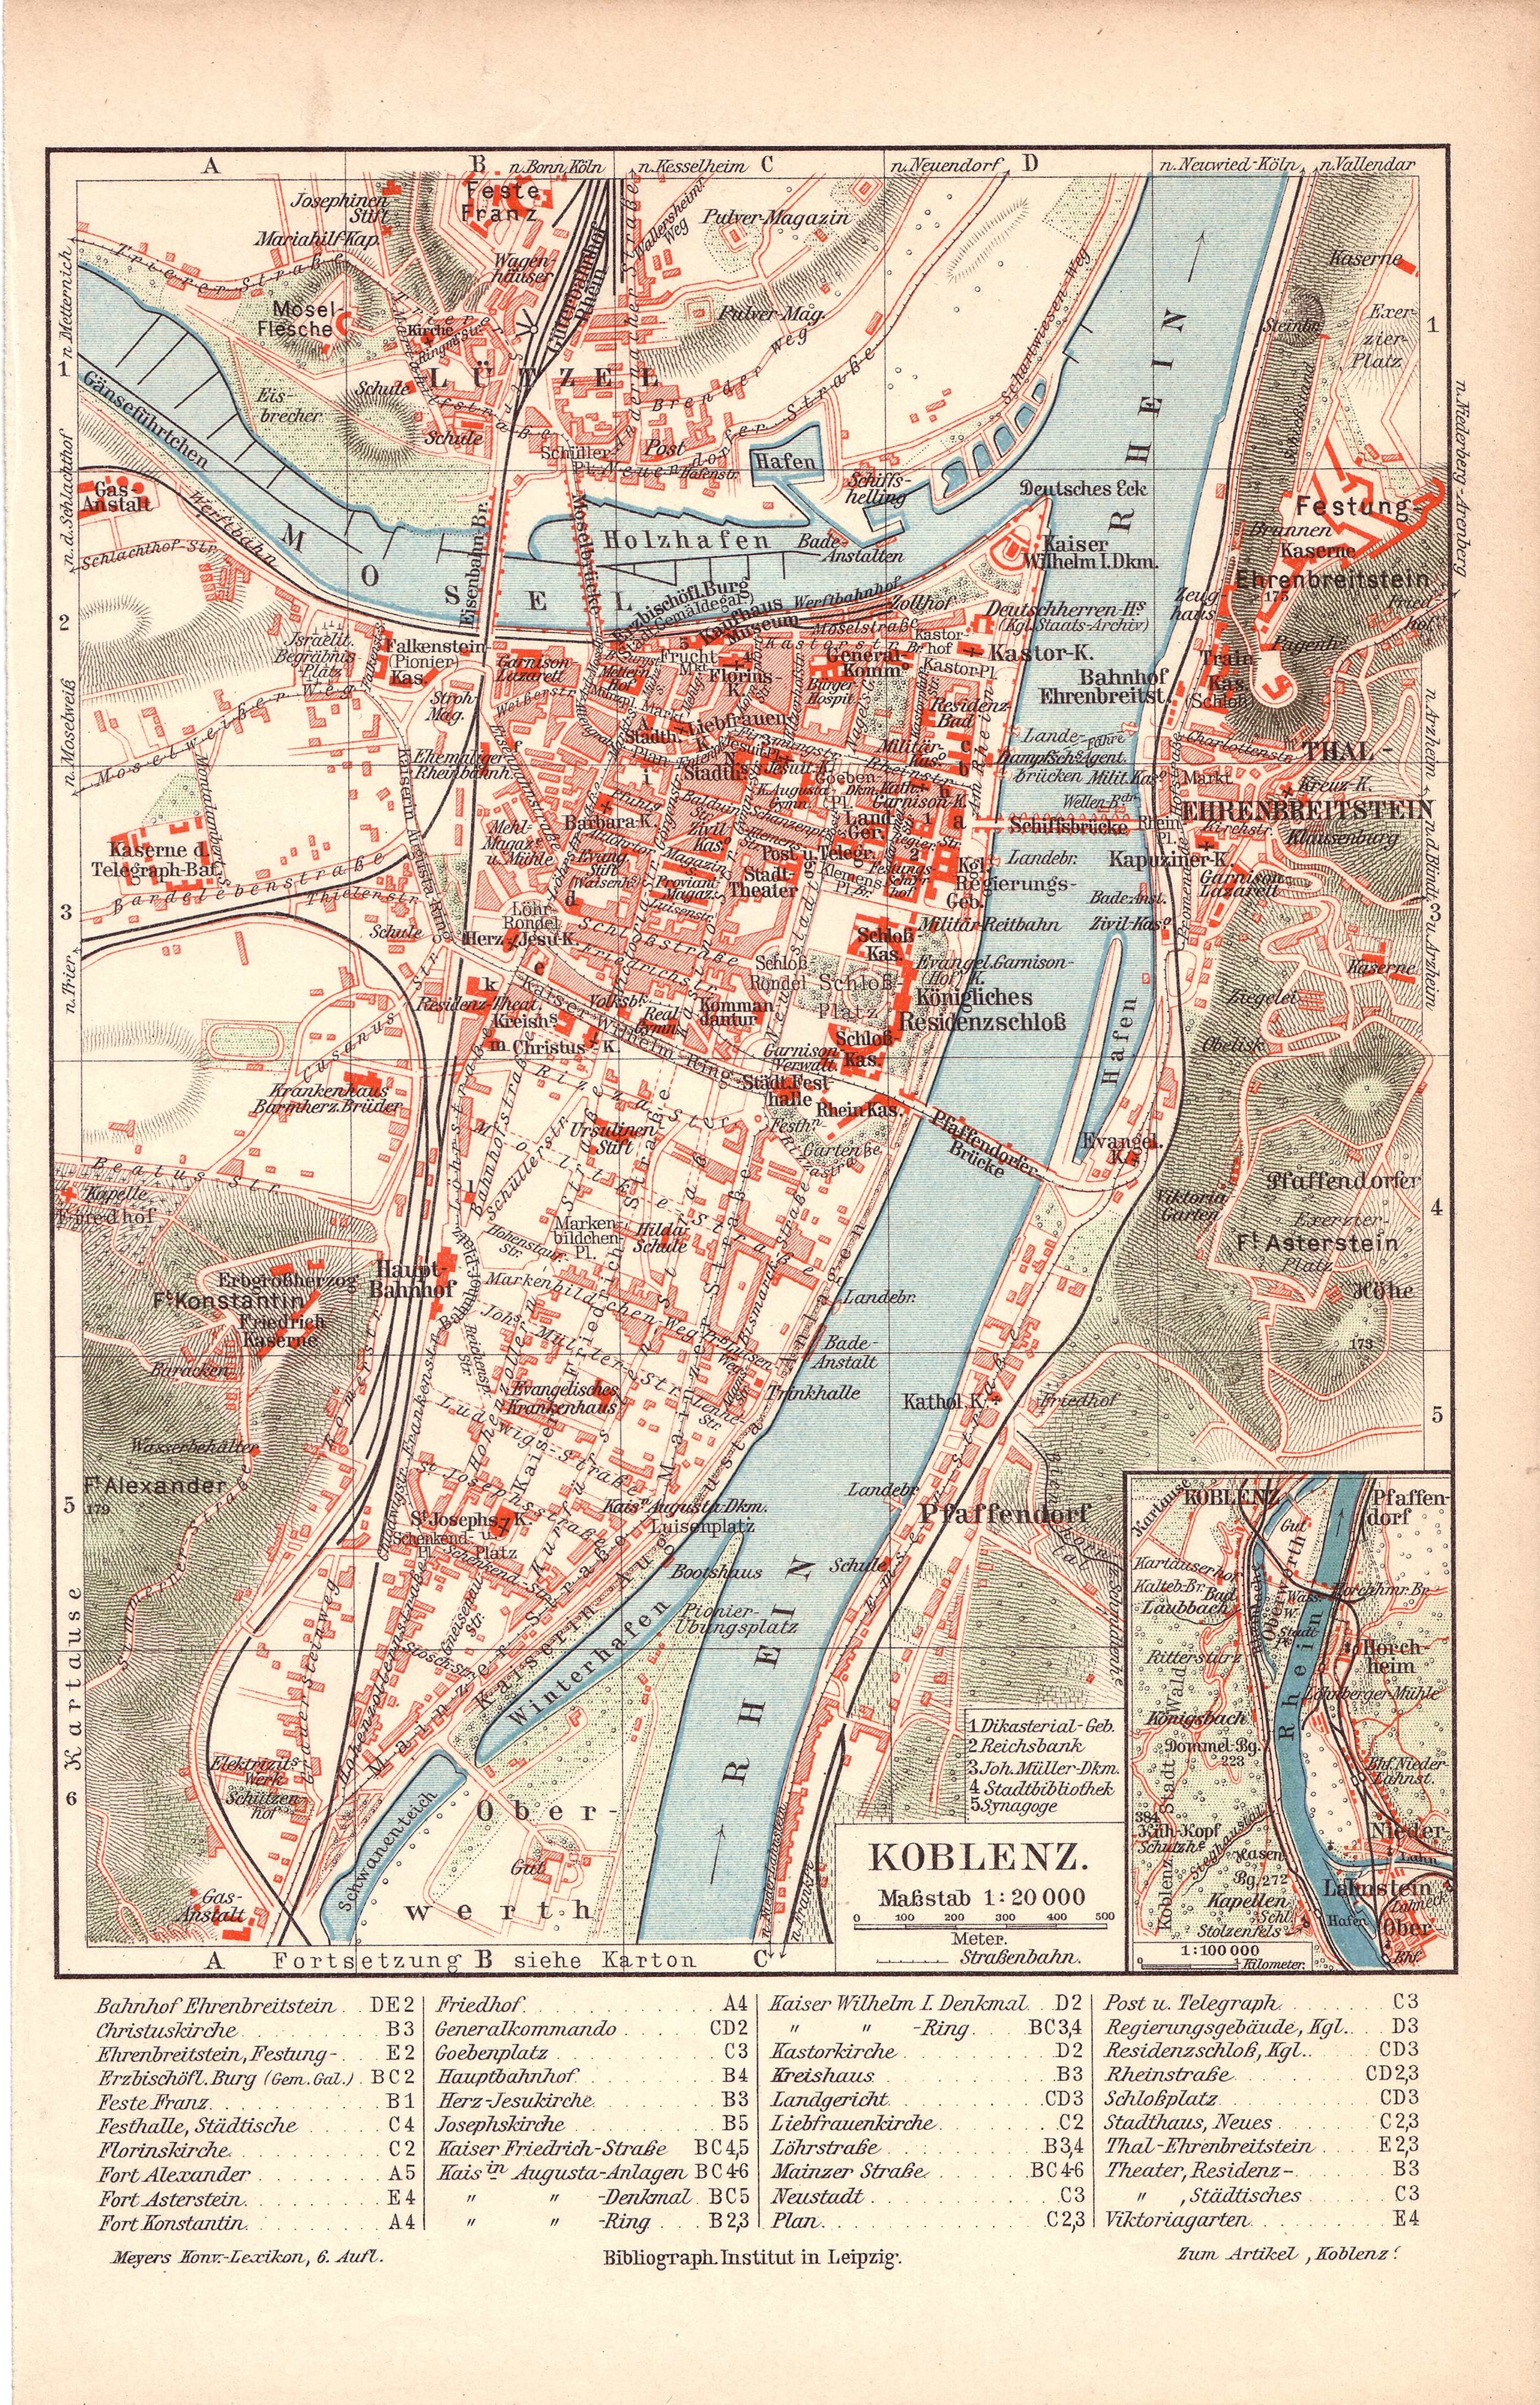 Karte Koblenz.Datei Koblenz Stadtplan 1905 Jpg Wikipedia